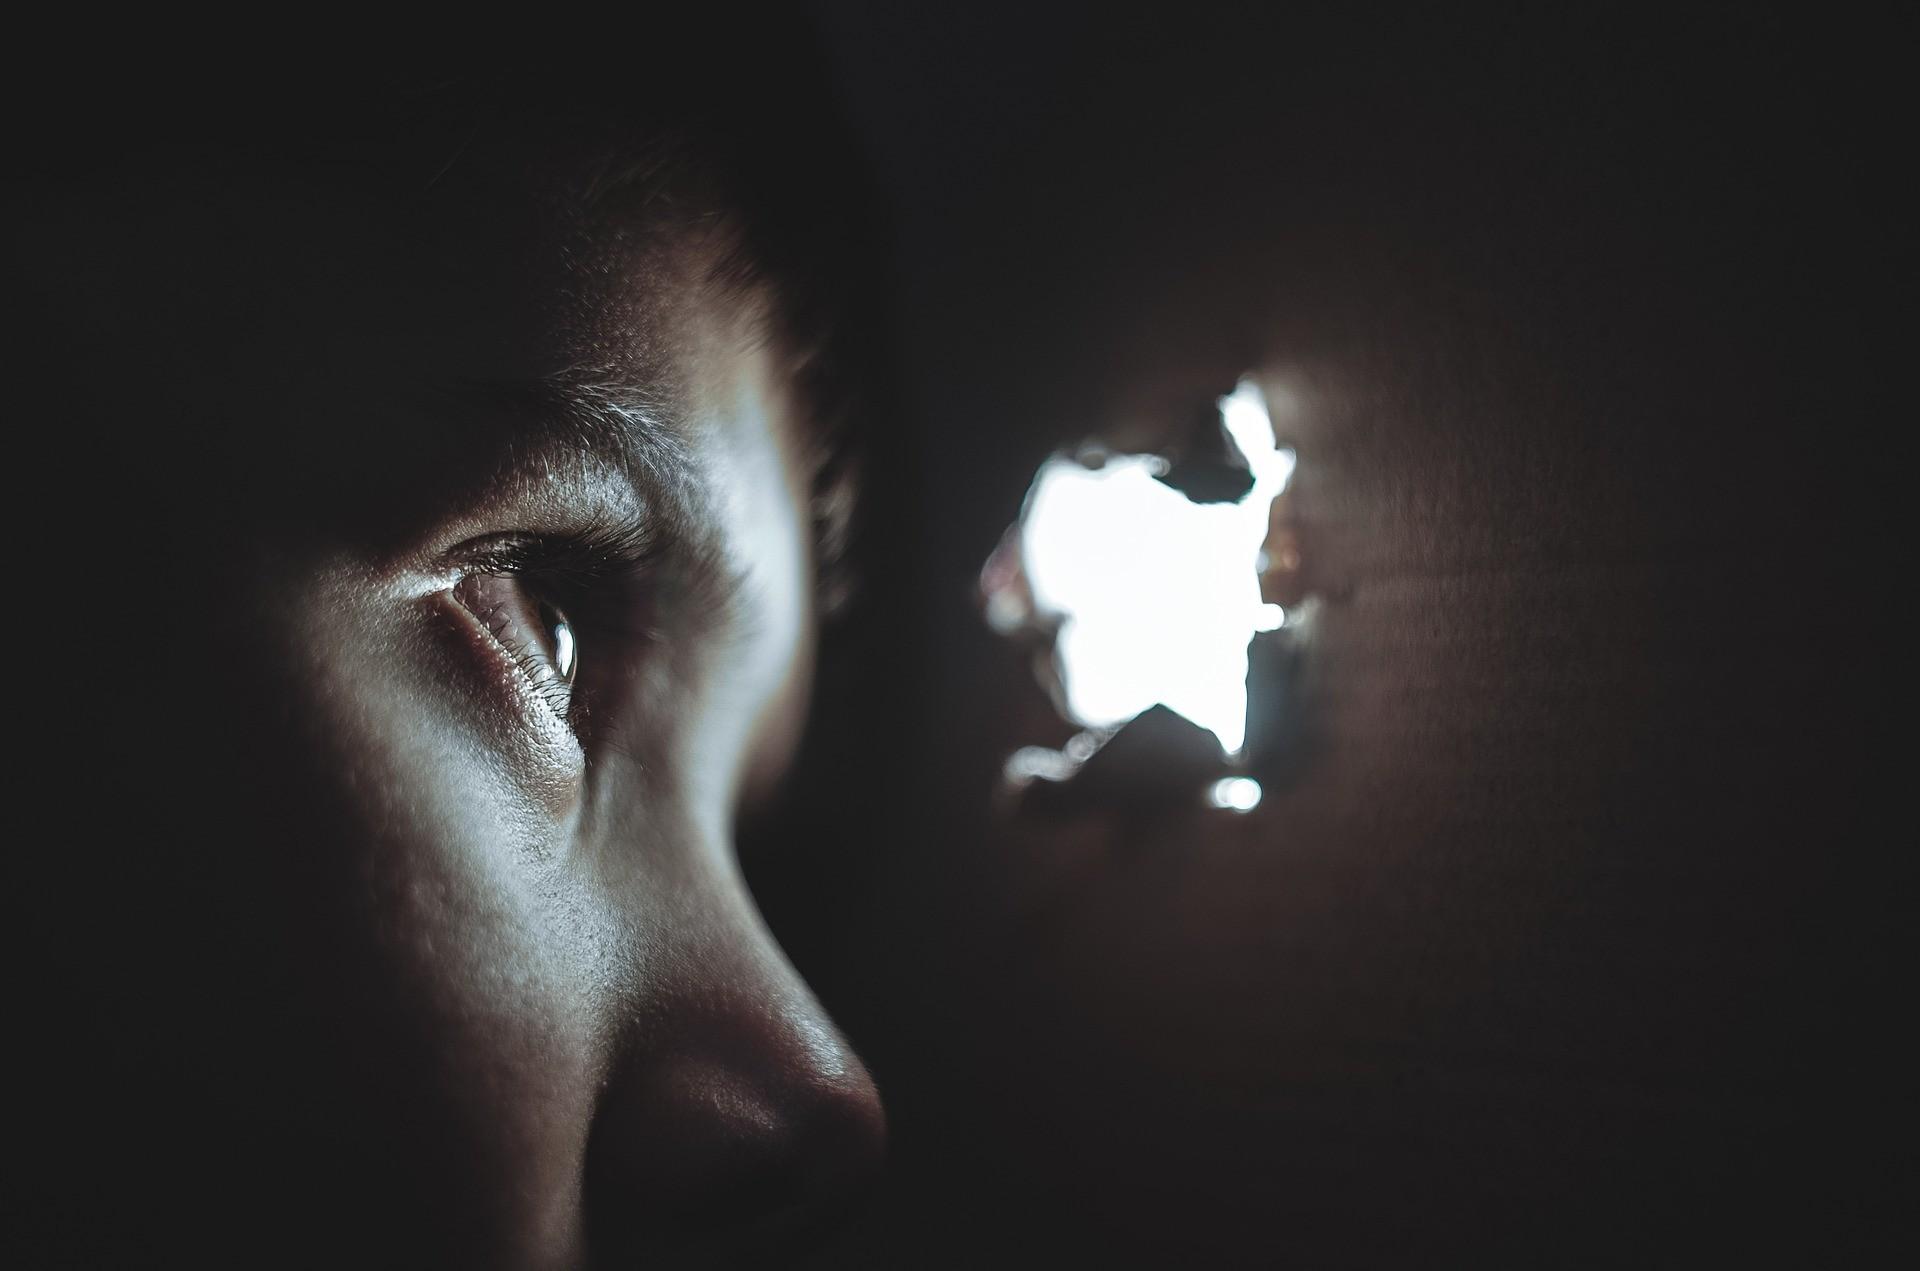 ▲偷窺,偷看,小孩。(圖/取自免費圖庫Pixabay)